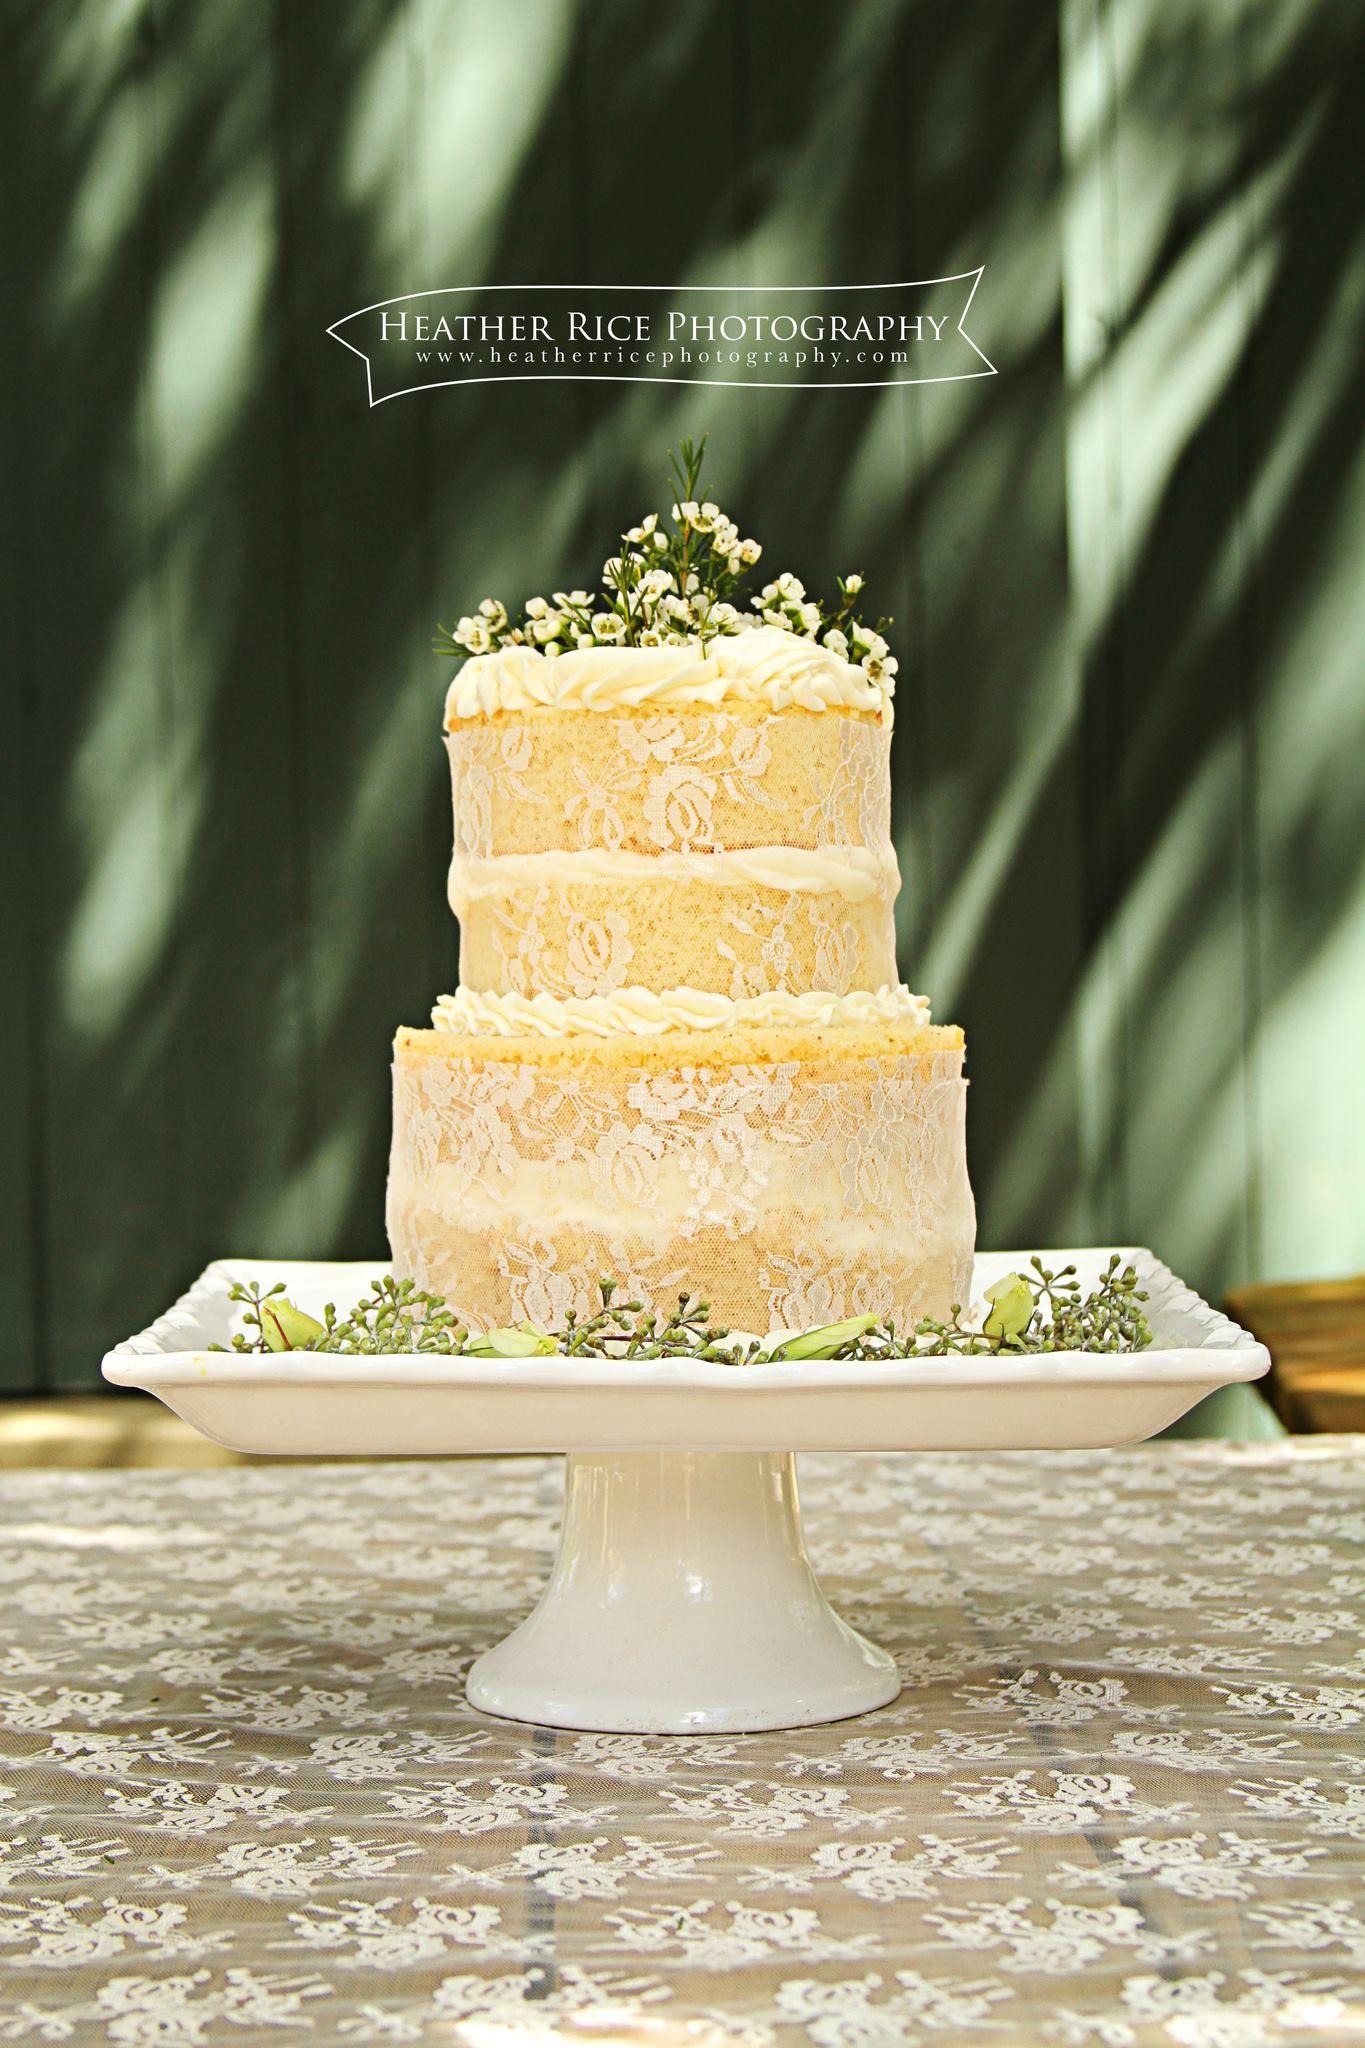 Naked wedding cakes, vintage cakes with flowers, lace wedding cake ...